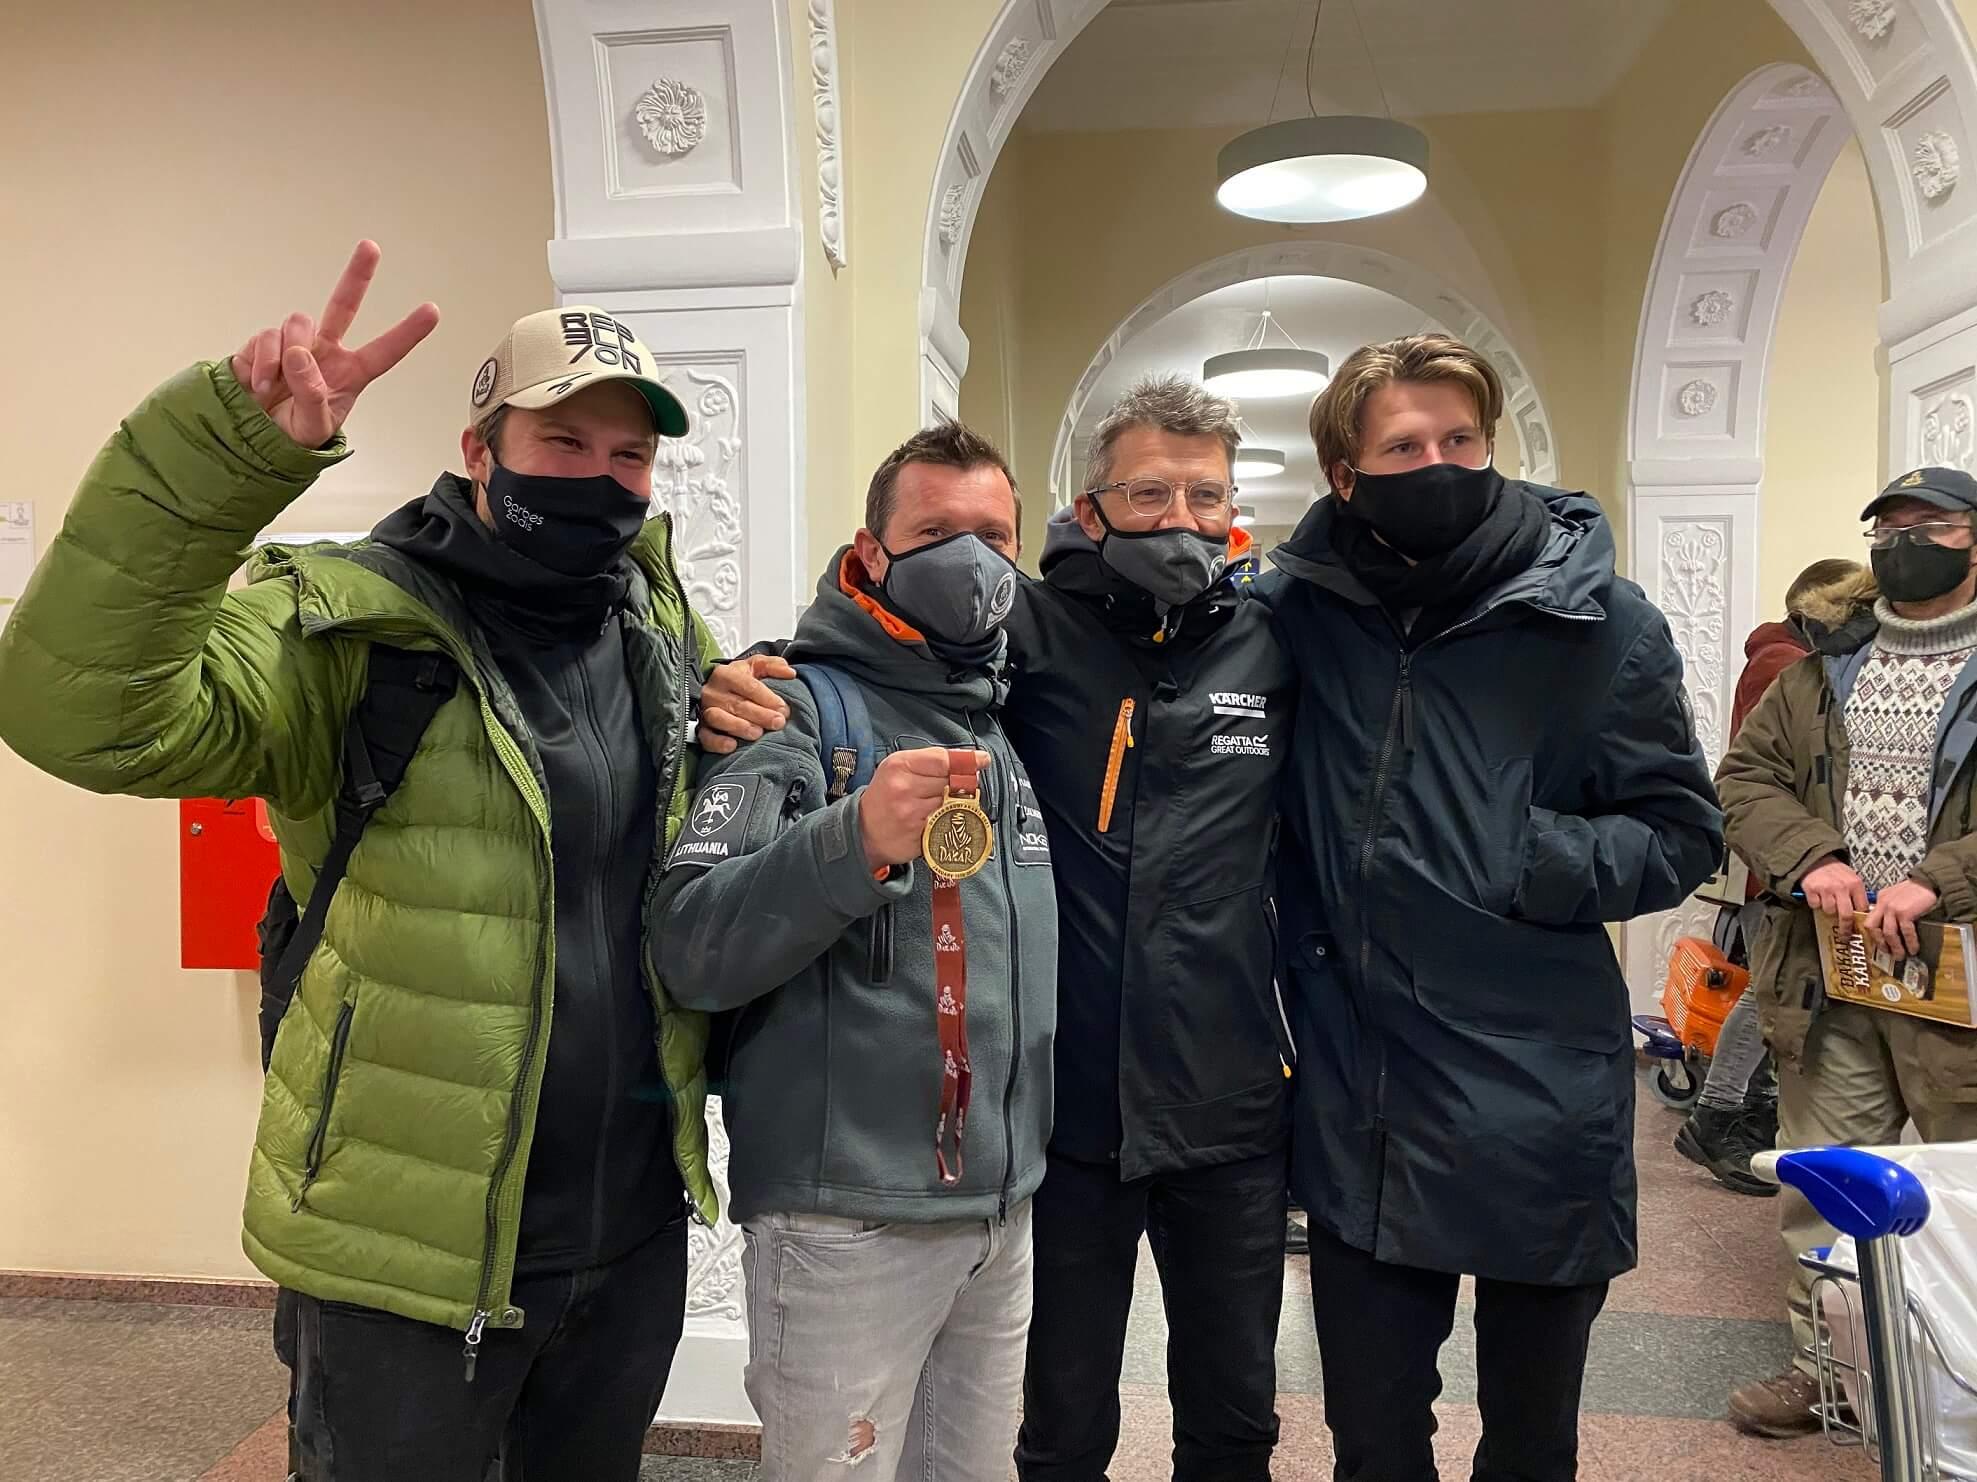 Antrą lietuvių rezultatą Dakare fiksavęs Juknevičius: planas atsinaujinti techniką perkeliamas į šiuos metus